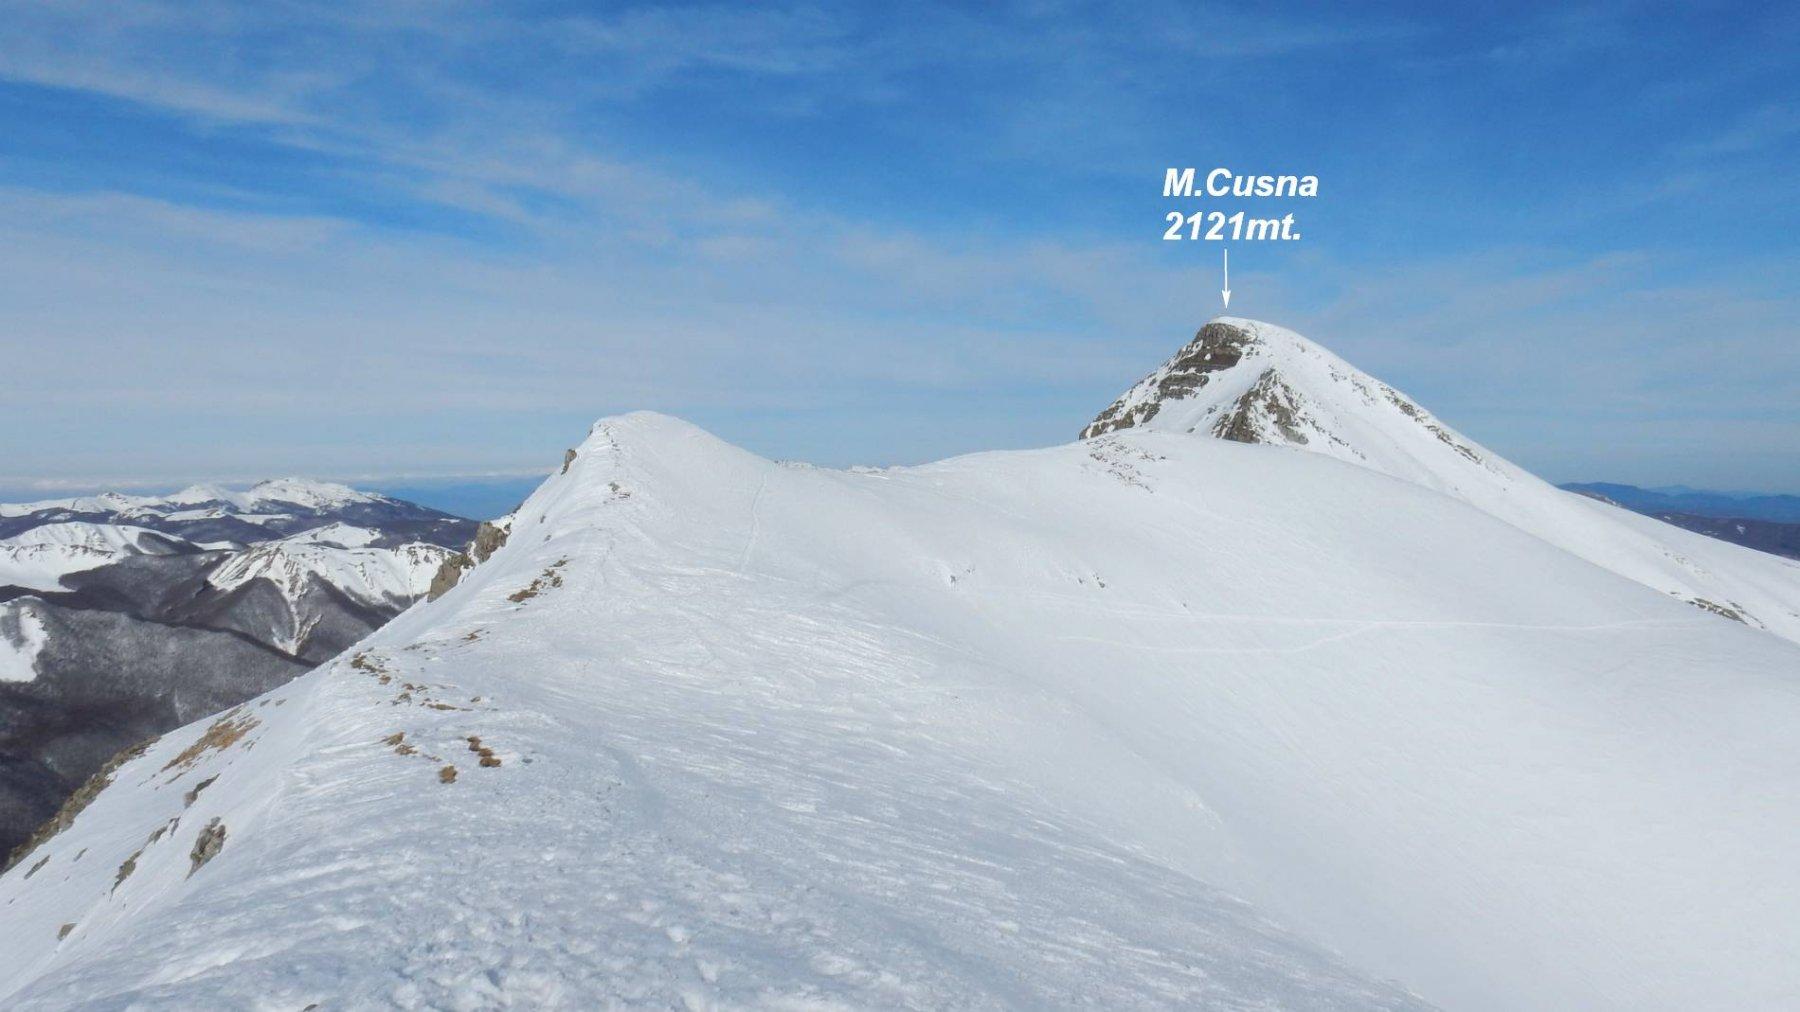 Percorriamo la dorsale di cresta avvicinandoci sempre più al M.Cusna.